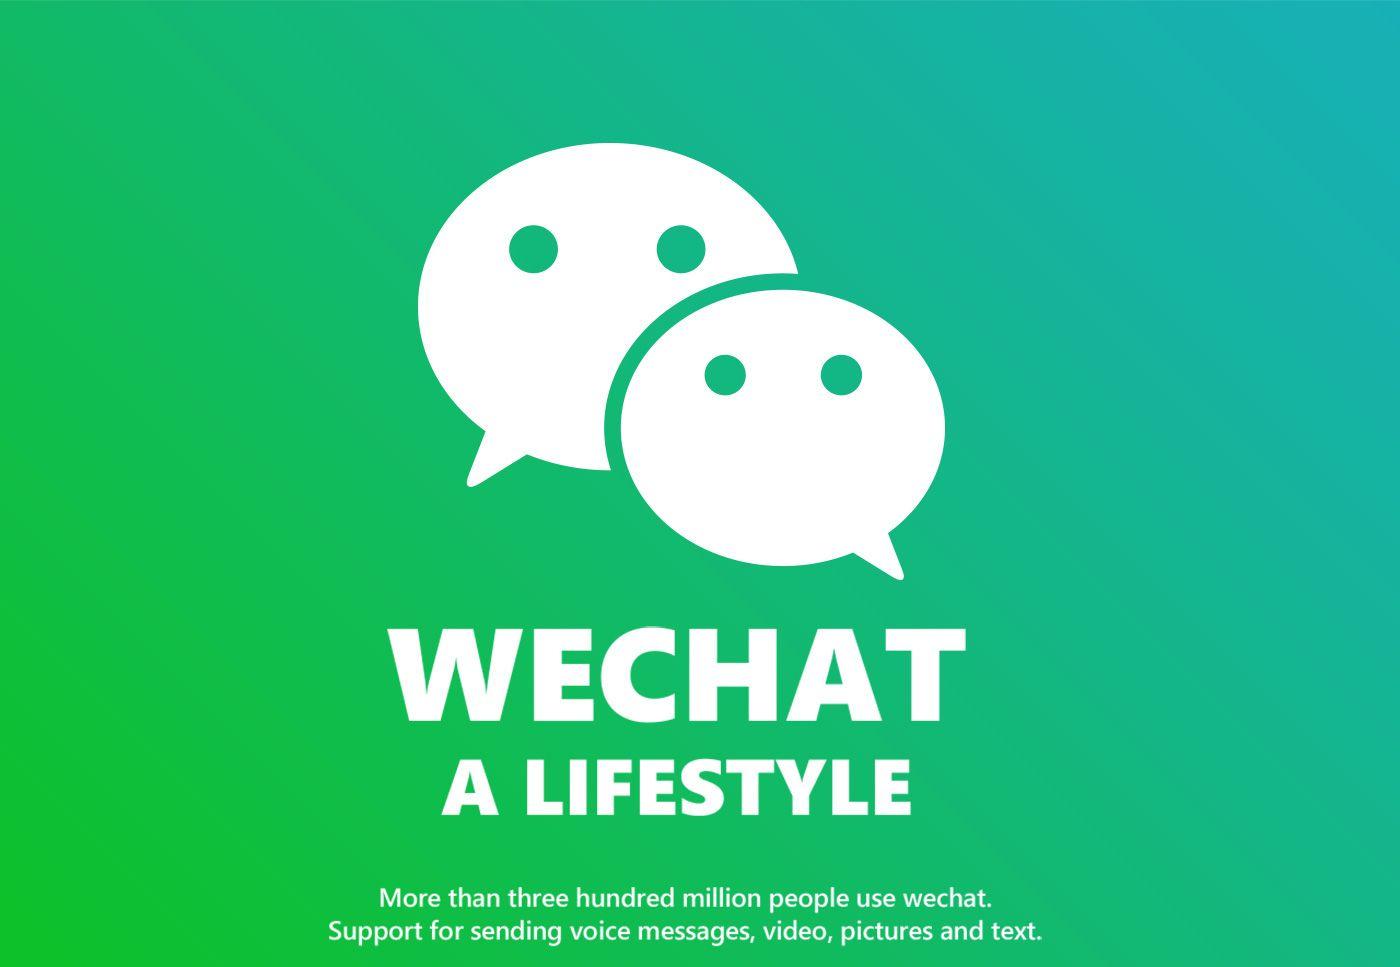 スーパーアプリ WeChatが生んだ機能統合型プラットフォーム戦略